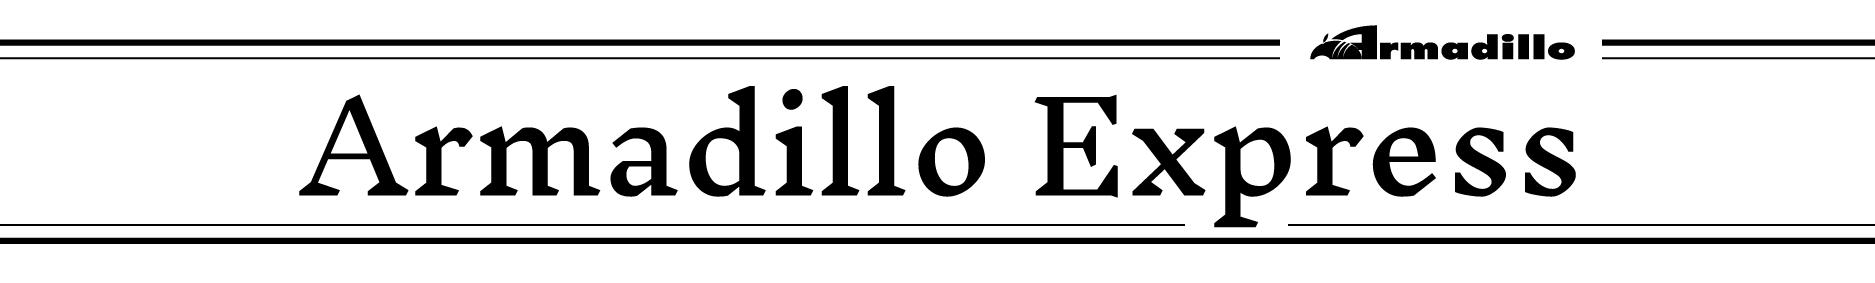 Armadillo Express